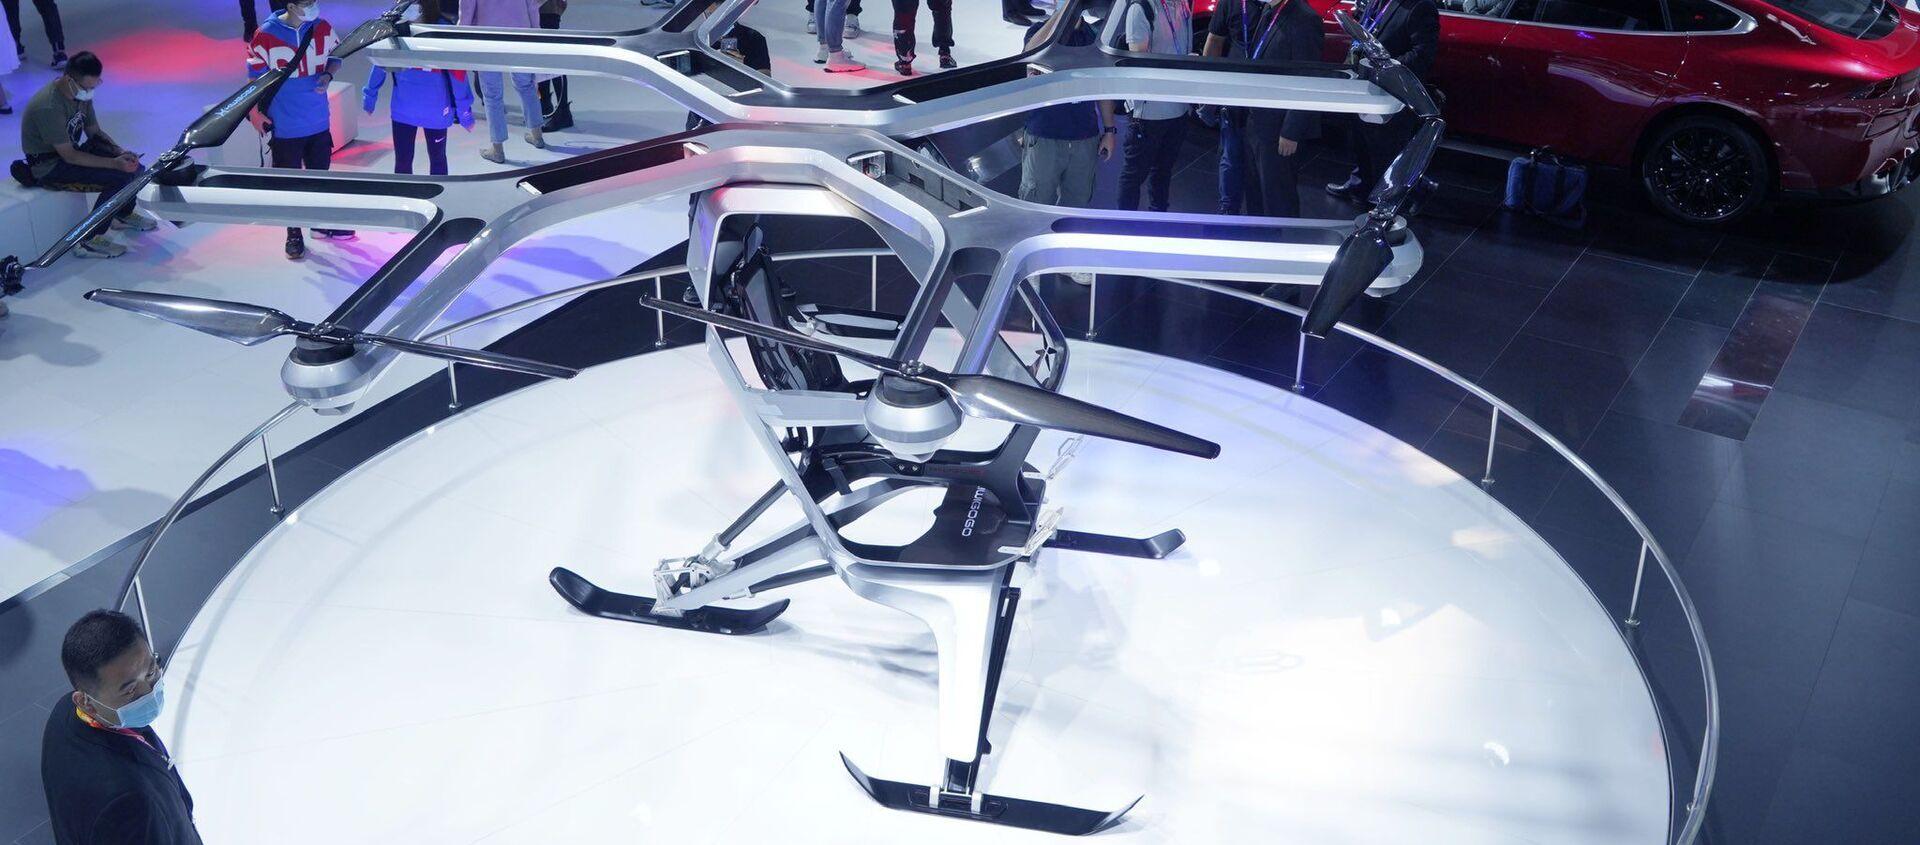 El prototipo de vehículo volador Kiwigogo de Xpeng Motors se exhibe en el Auto China 2020 - Sputnik Mundo, 1920, 27.09.2020